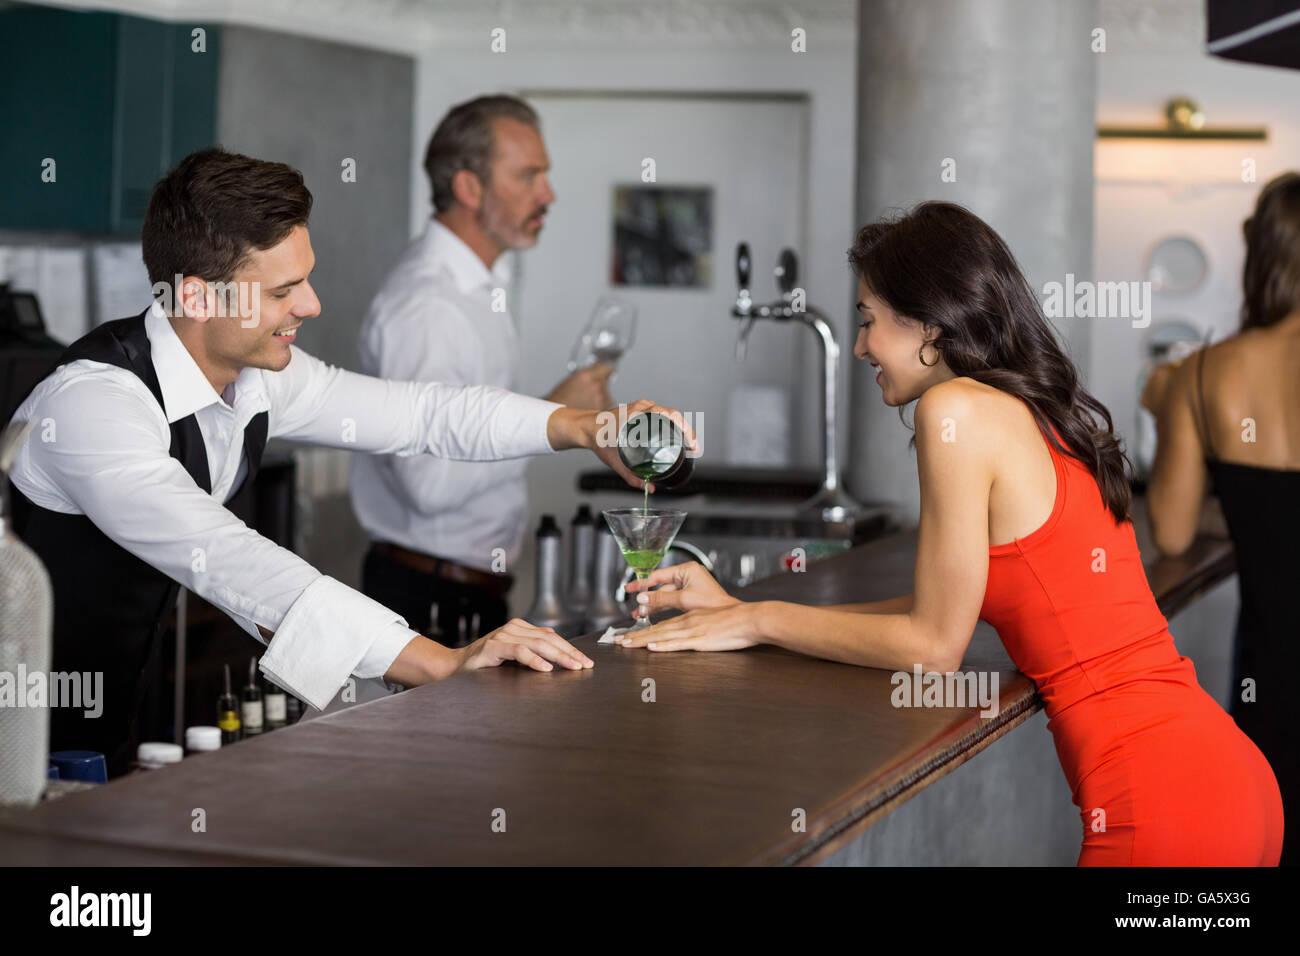 Verter camarero cóctel en vaso de cóctel Imagen De Stock